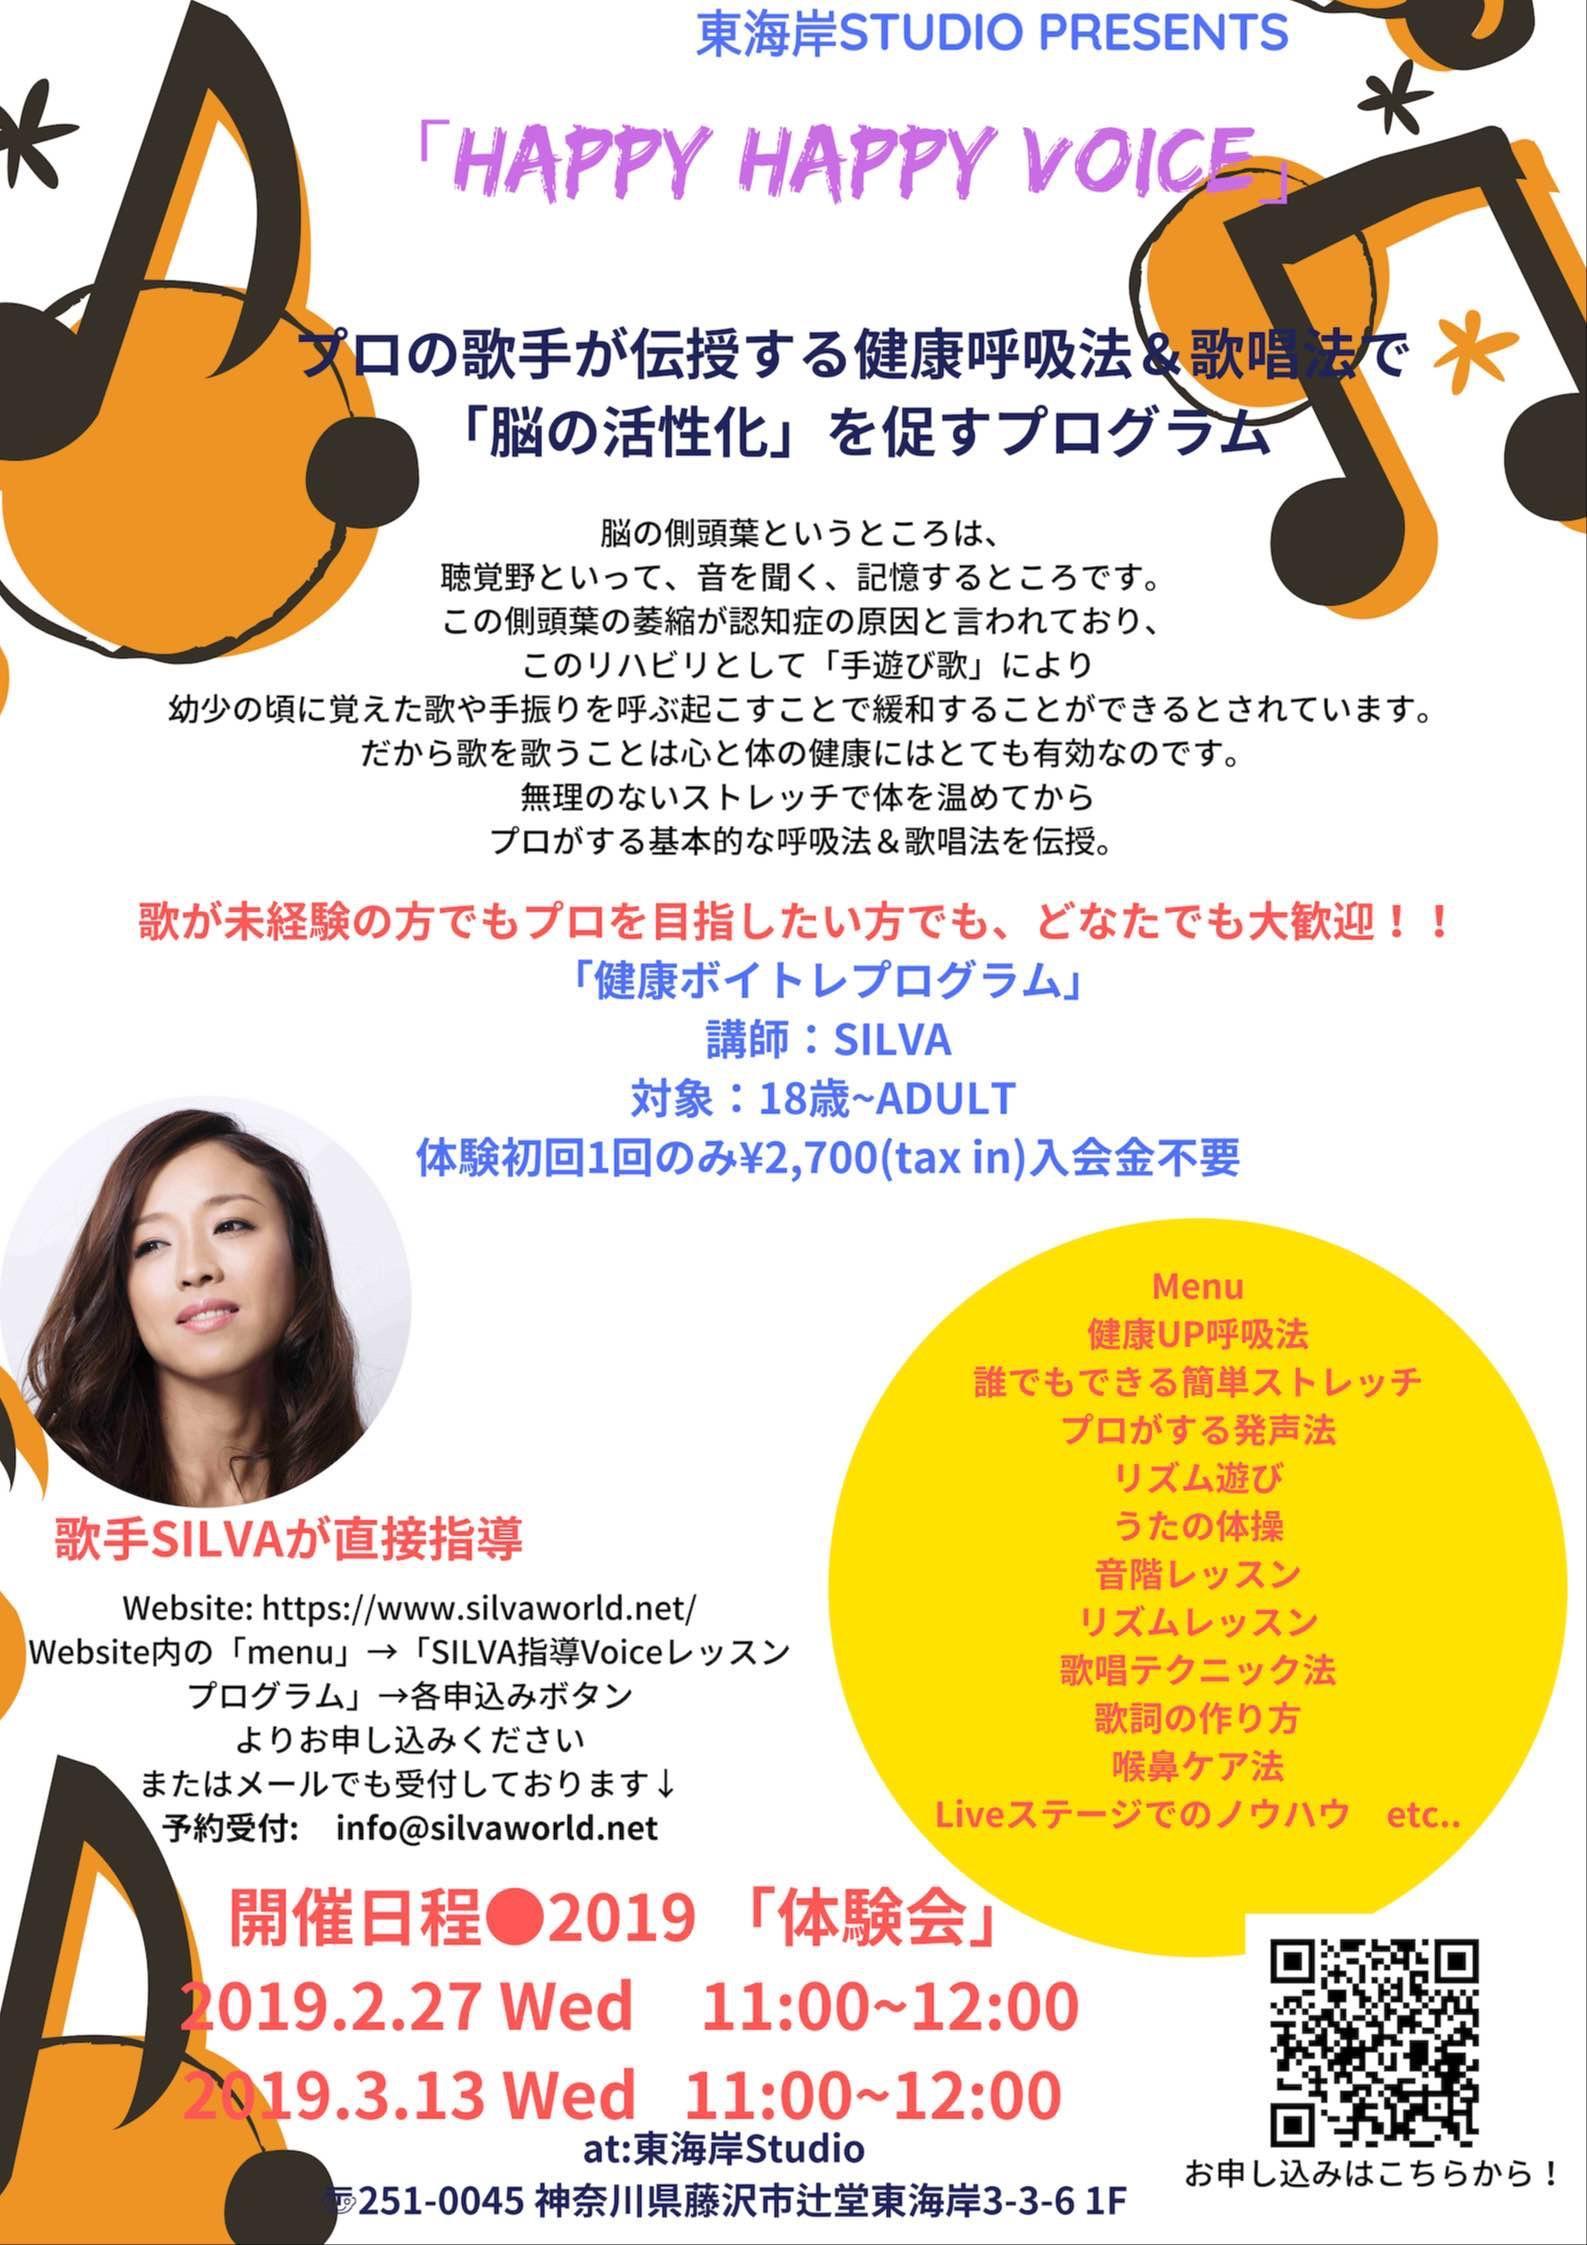 プロの歌手SILVAが伝授する健康呼吸法&歌唱法